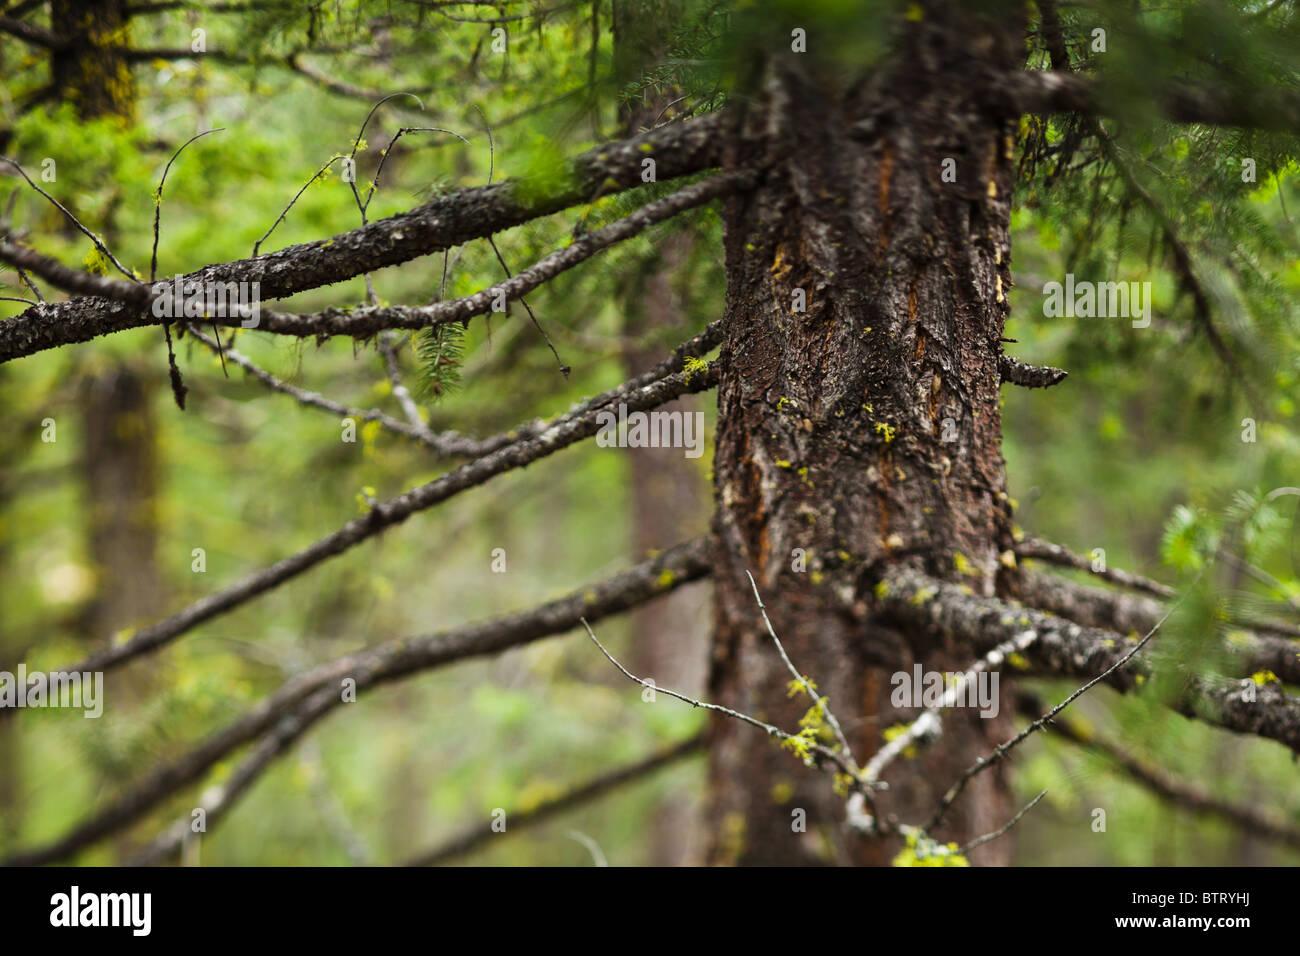 Concentra in particolare in prospettiva di una struttura ad albero e rami in una foresta. Cascate orientale dello Immagini Stock